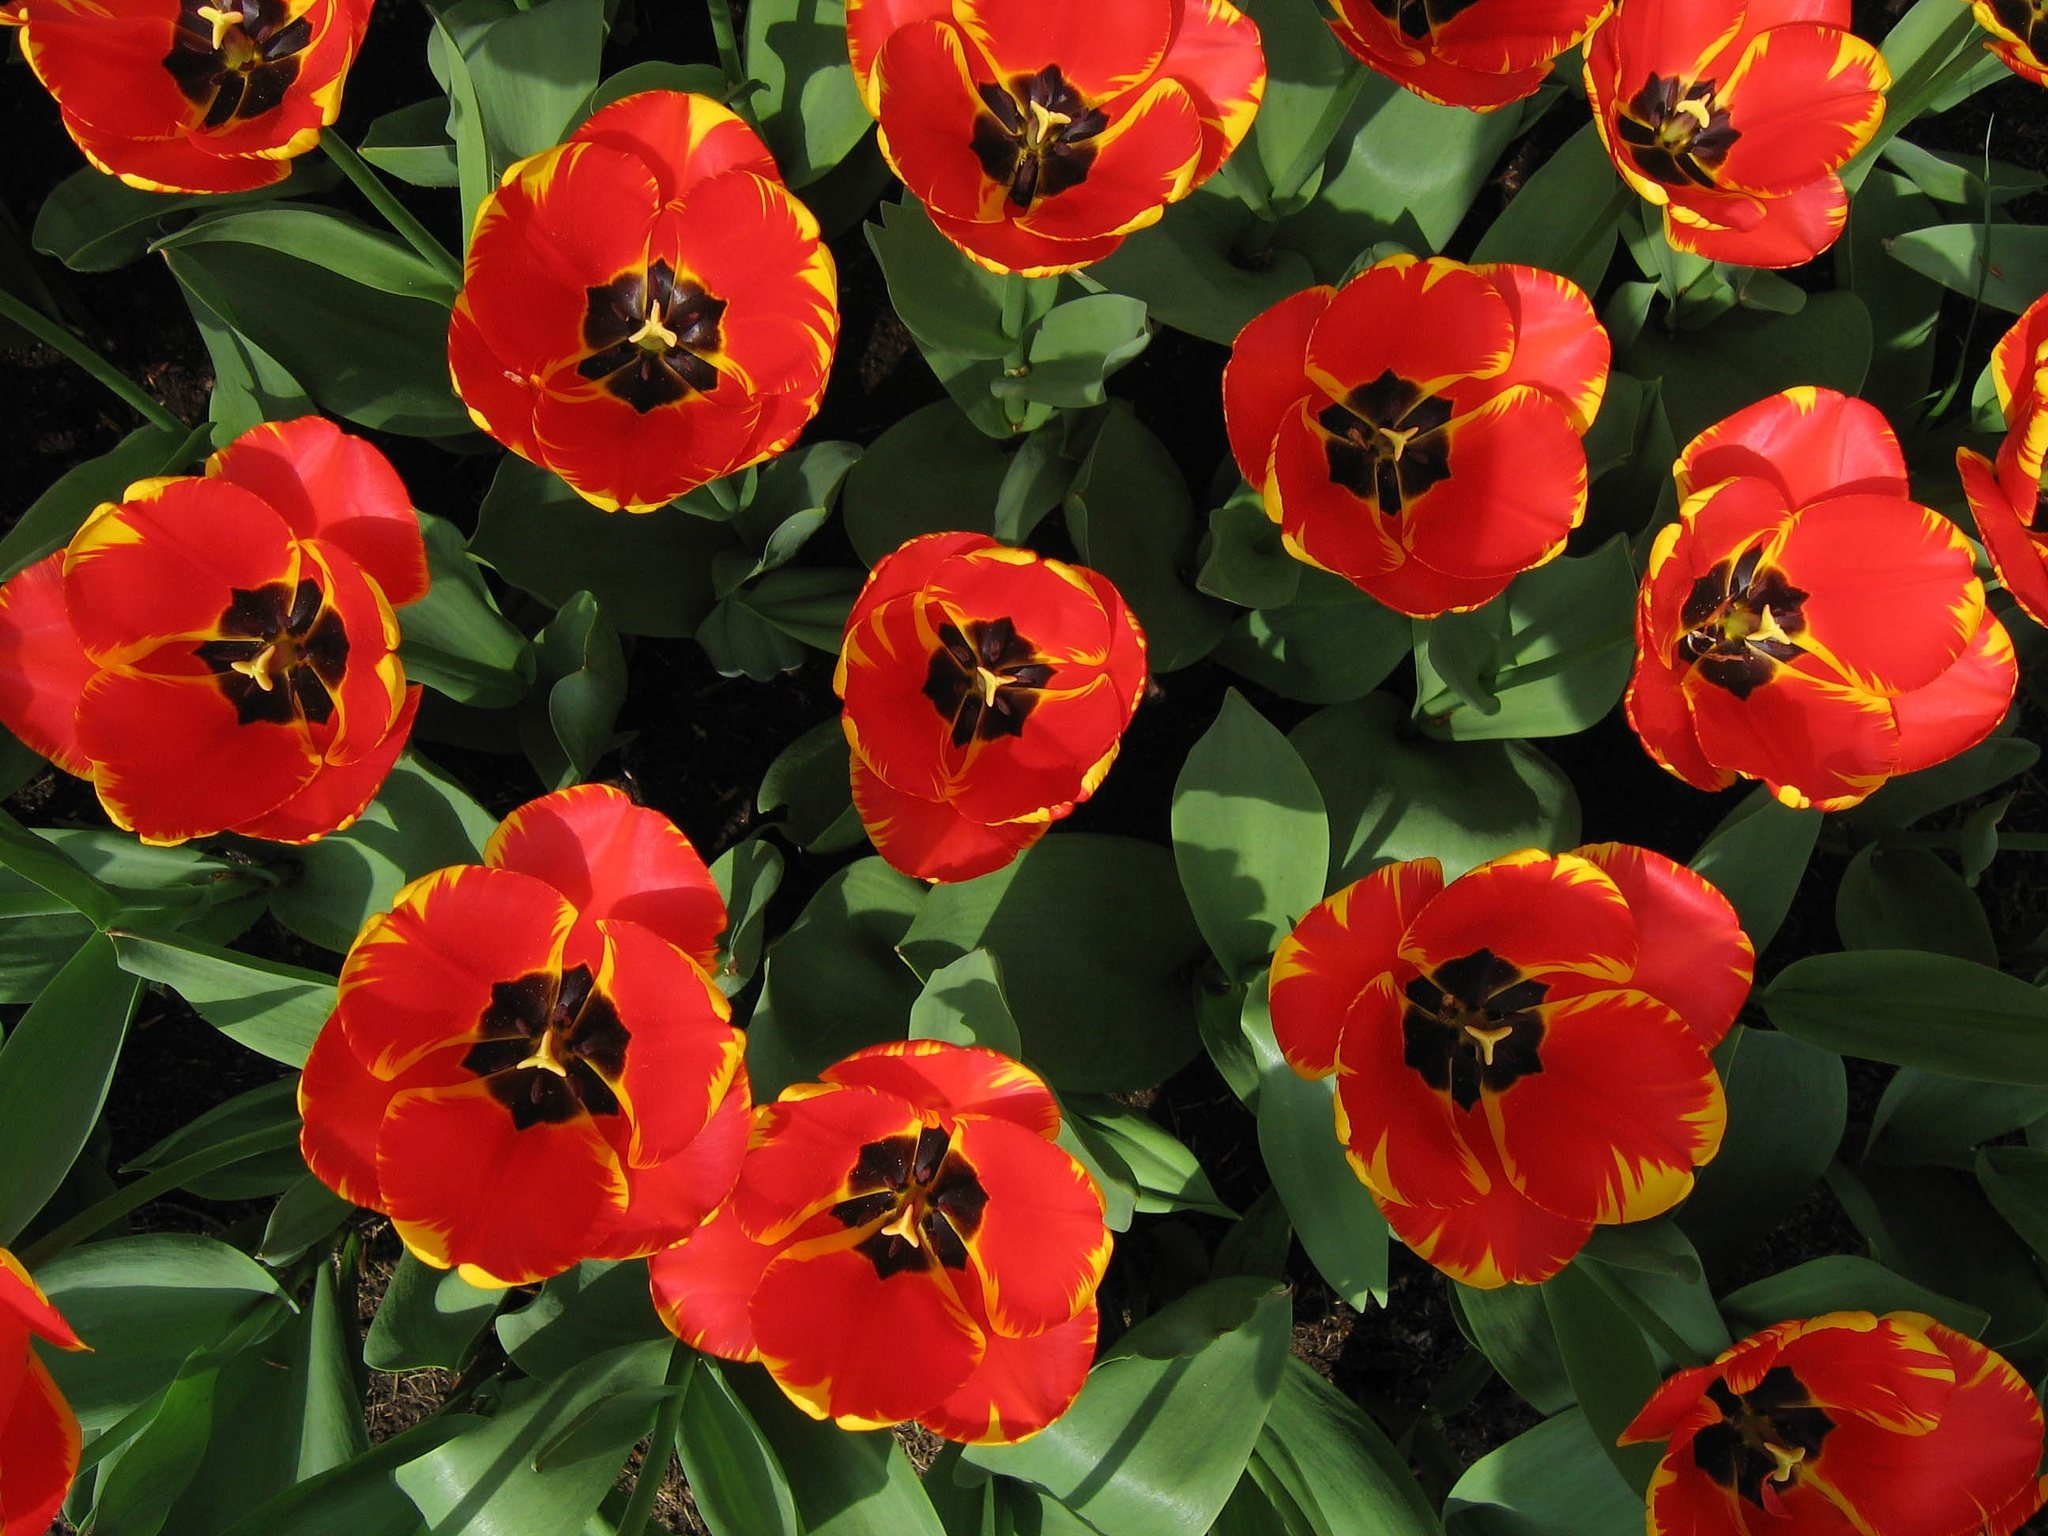 Tulips in Keukenhof by Fred Mellink